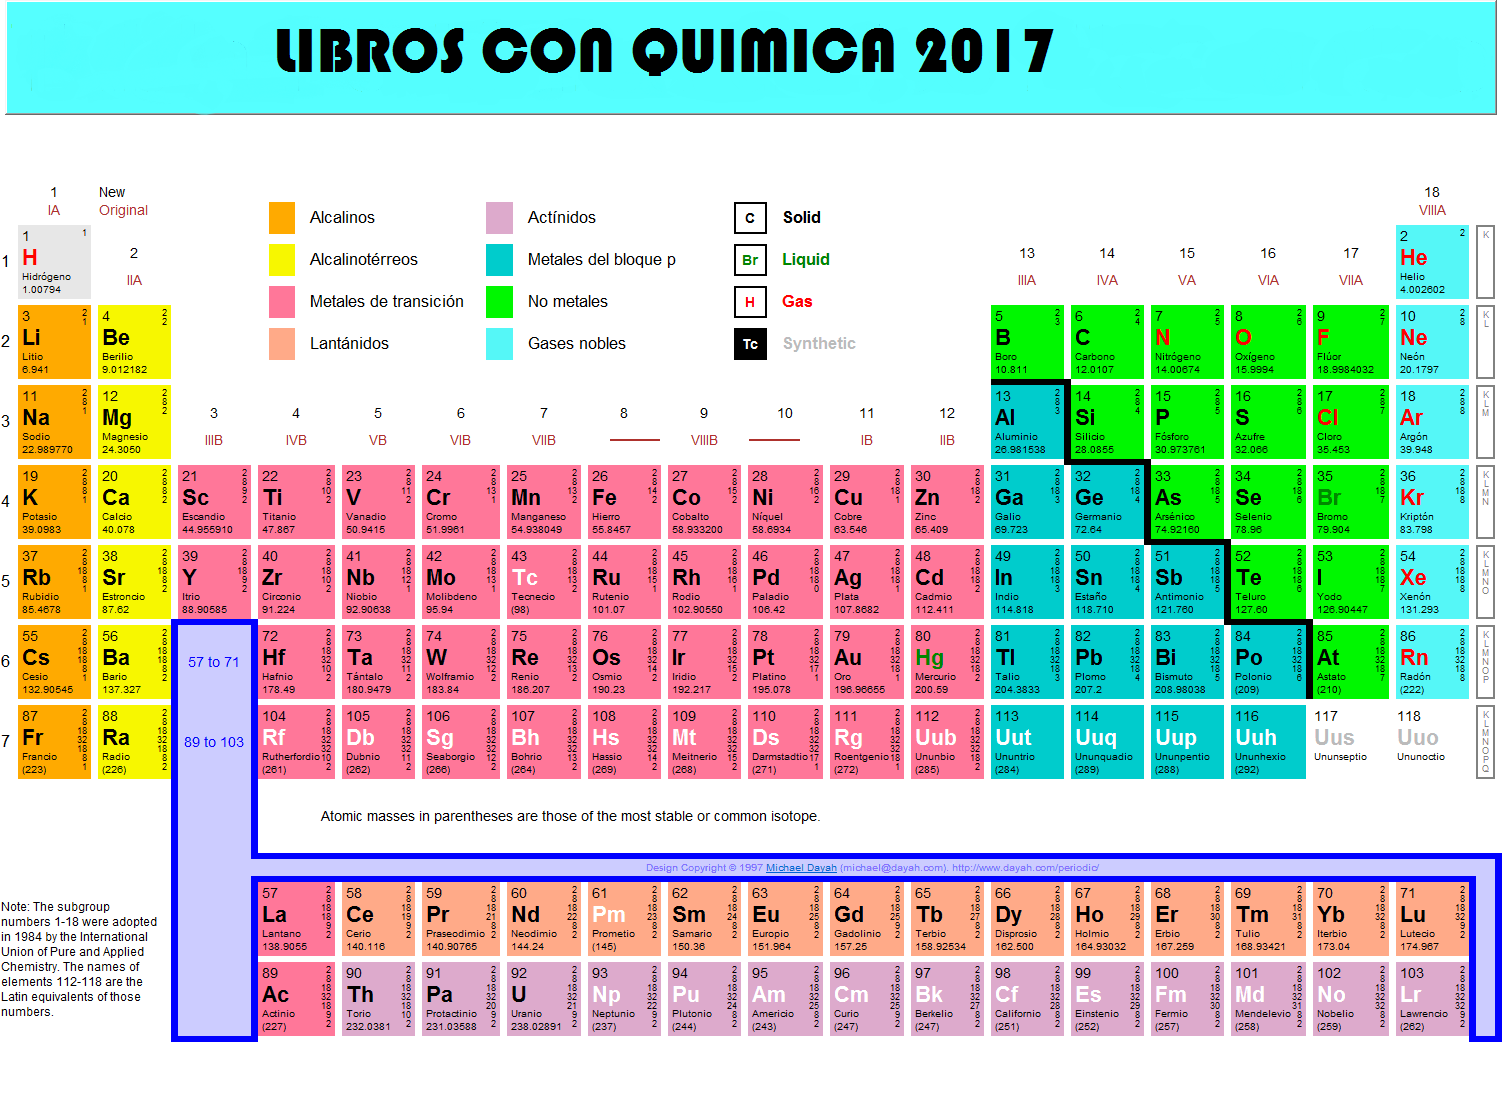 Reto Libros con química 2017